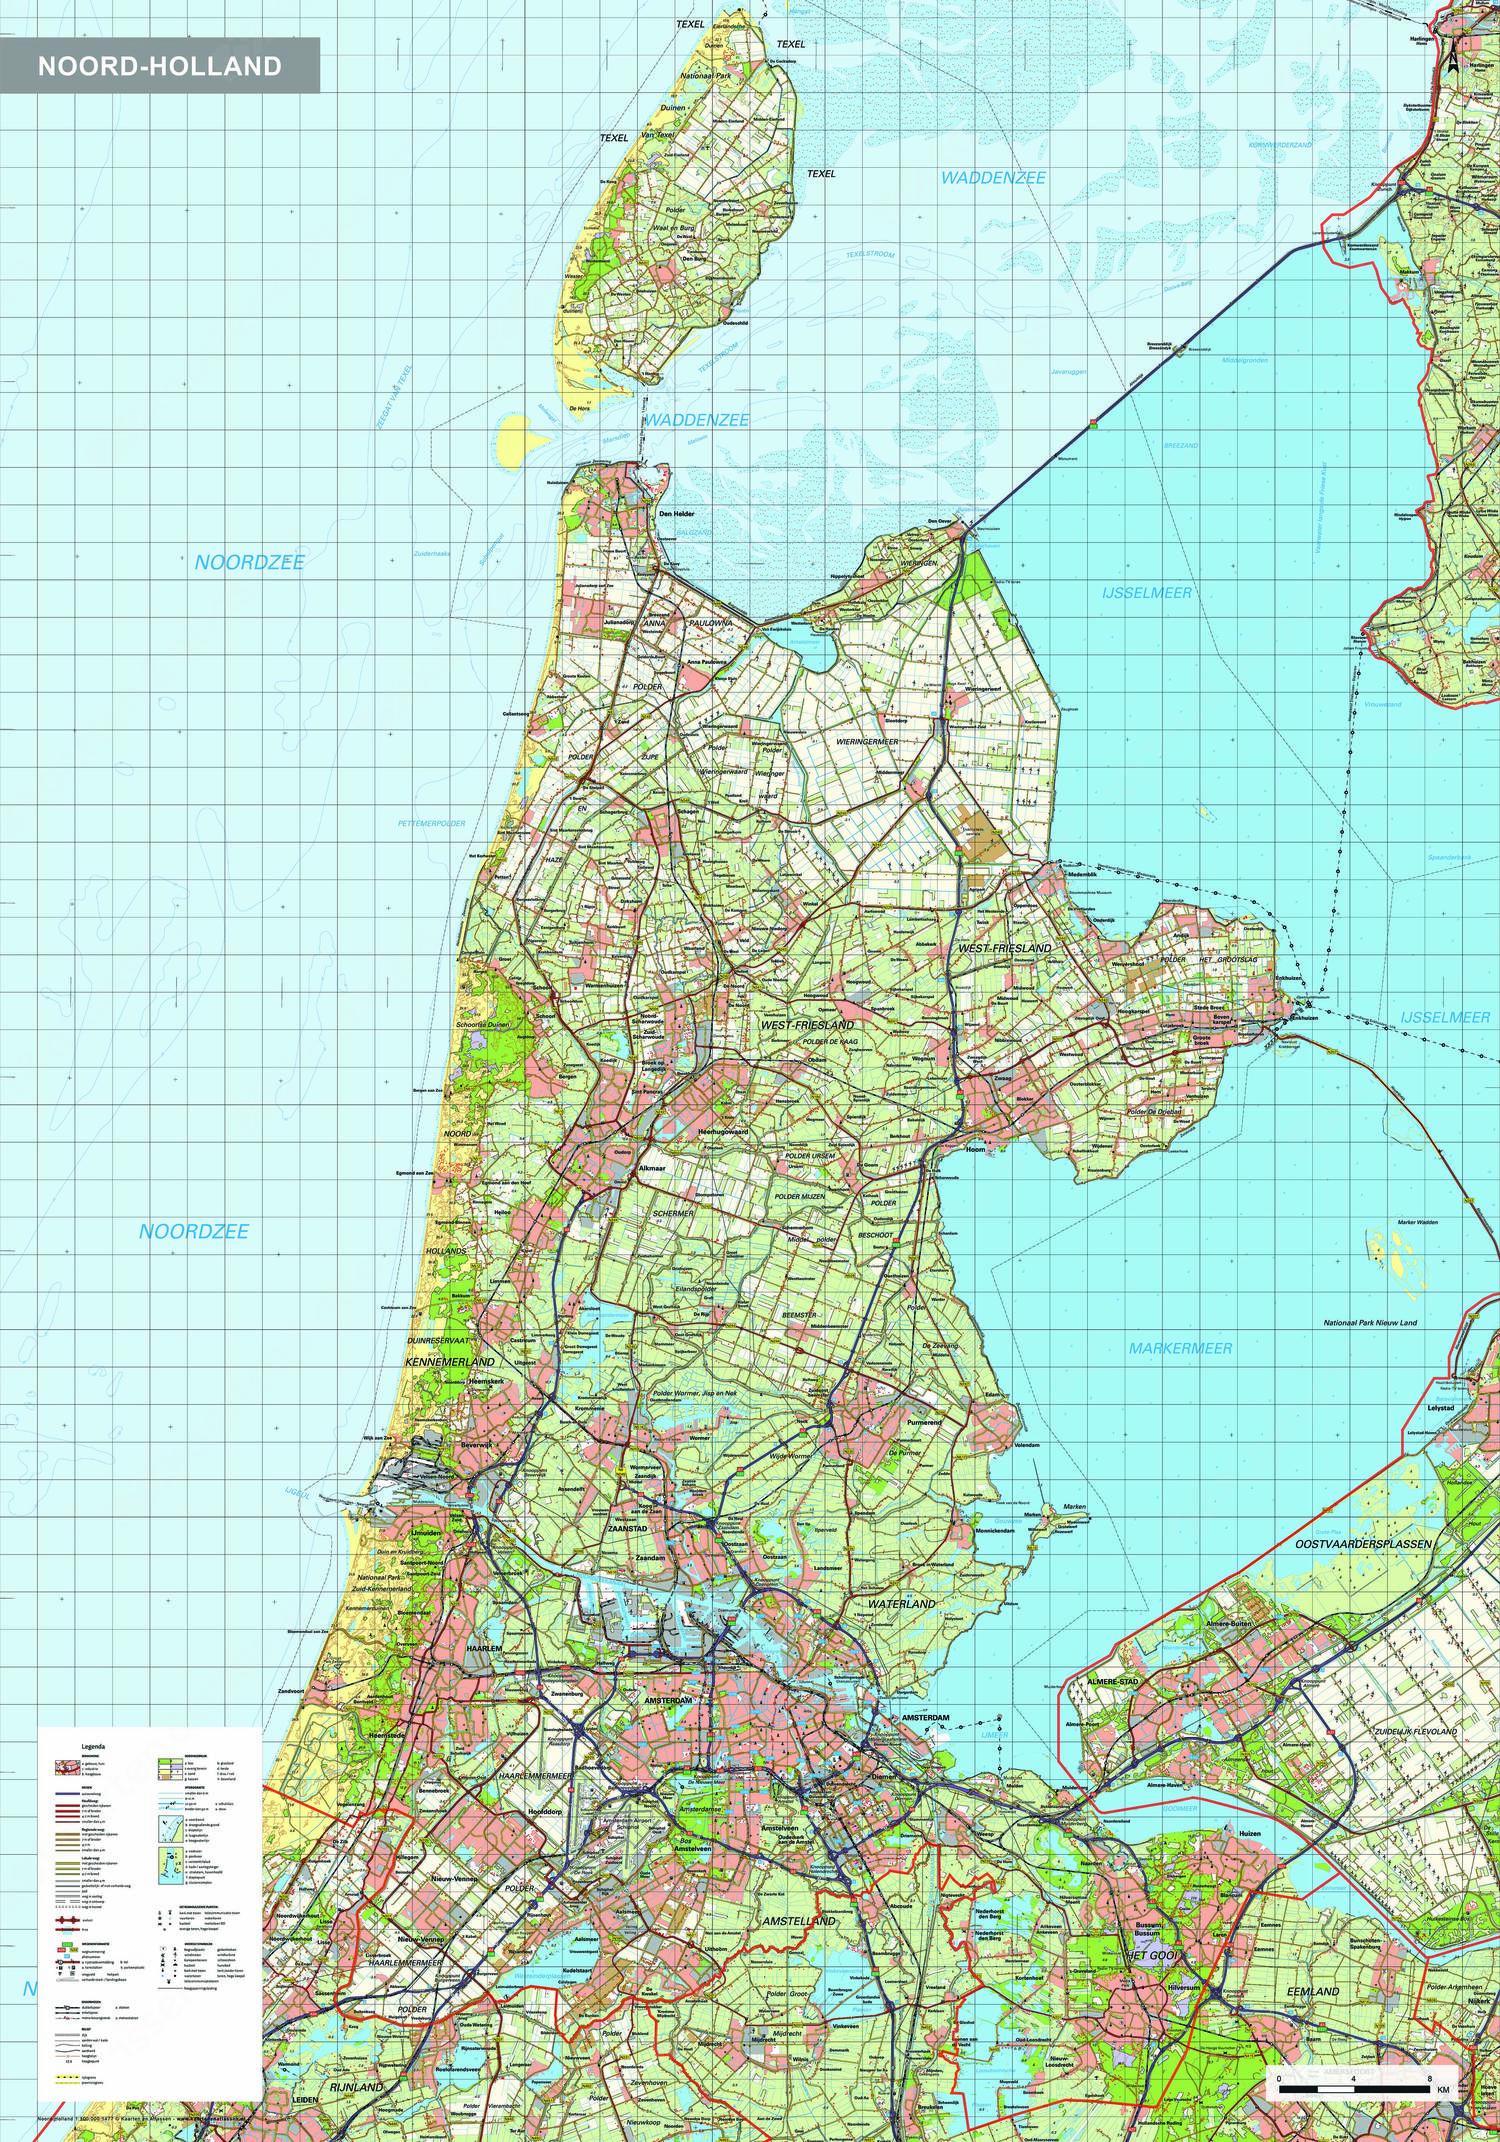 Topografische kaart Noord-Holland 1:100.000